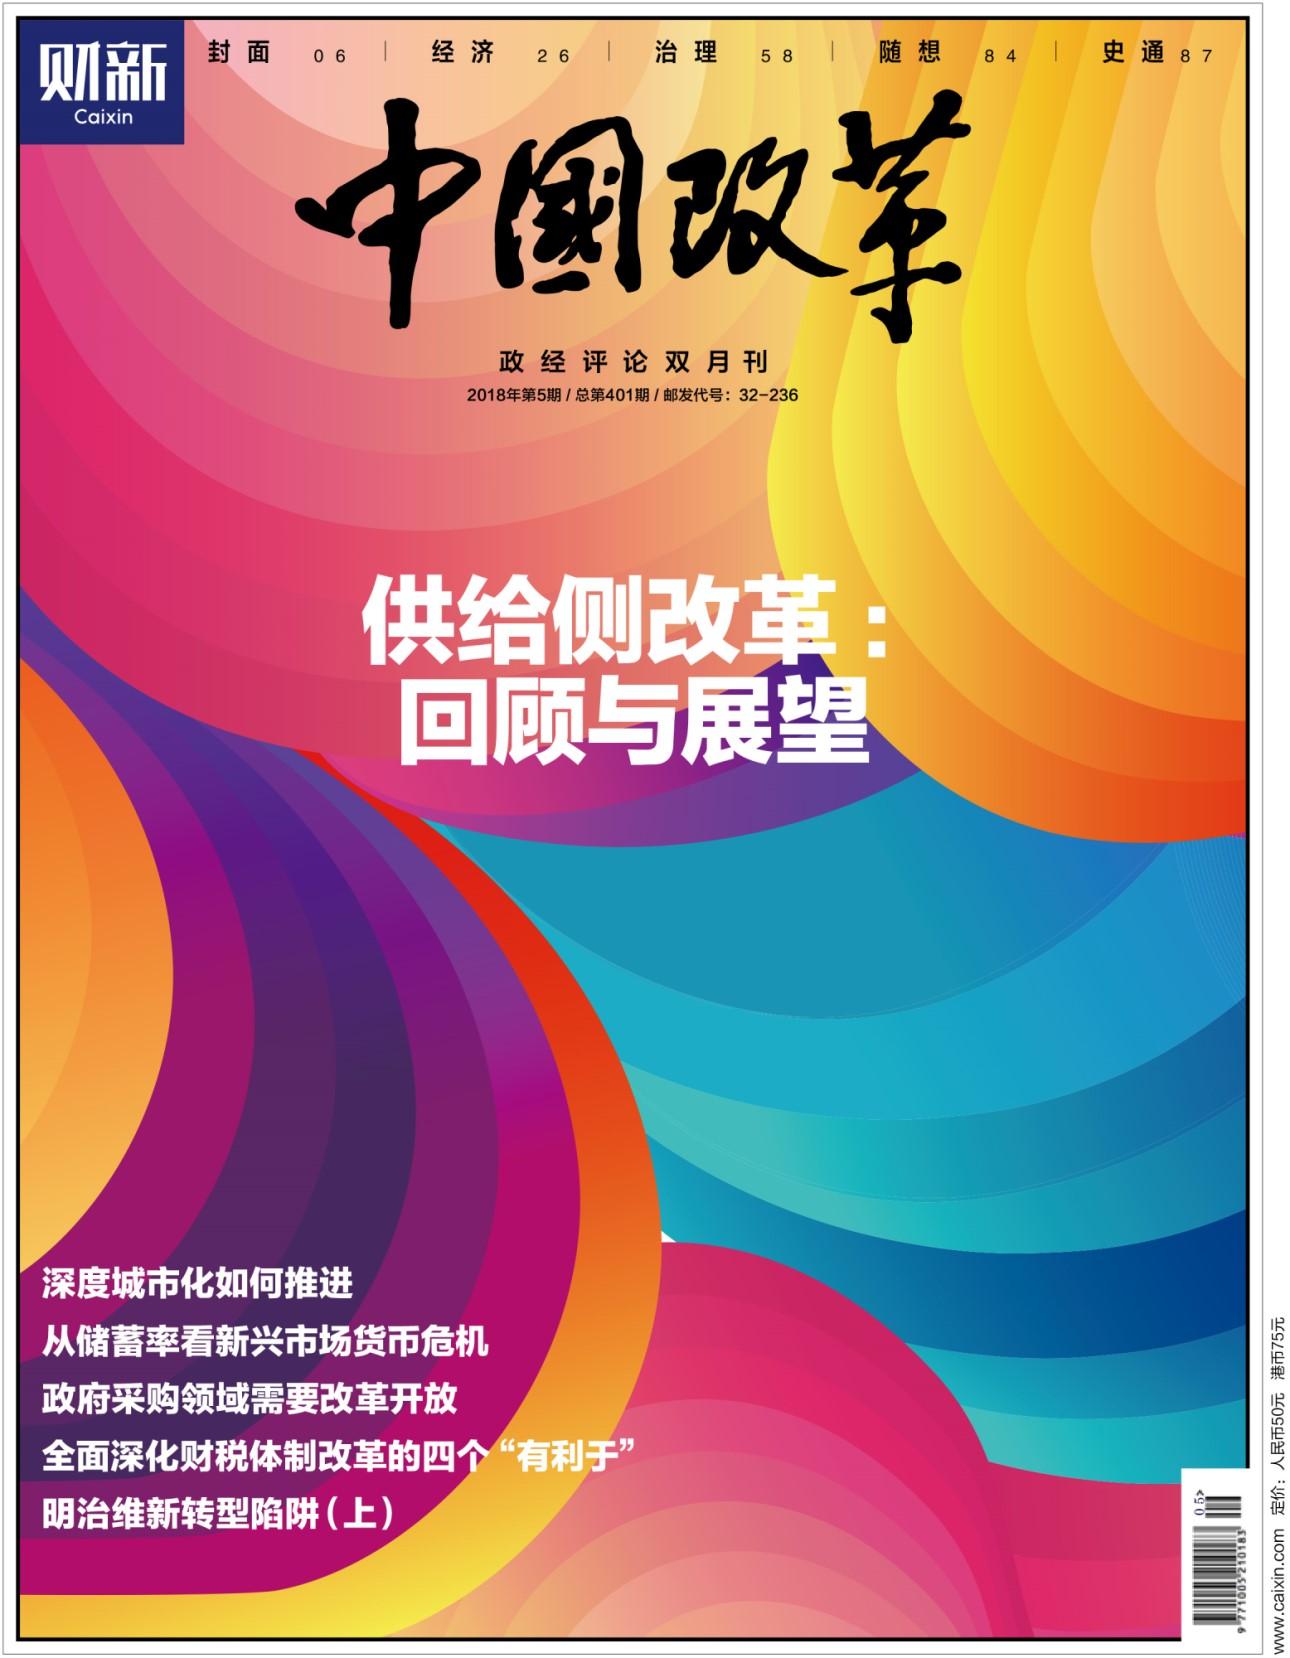 《中国改革》第401期